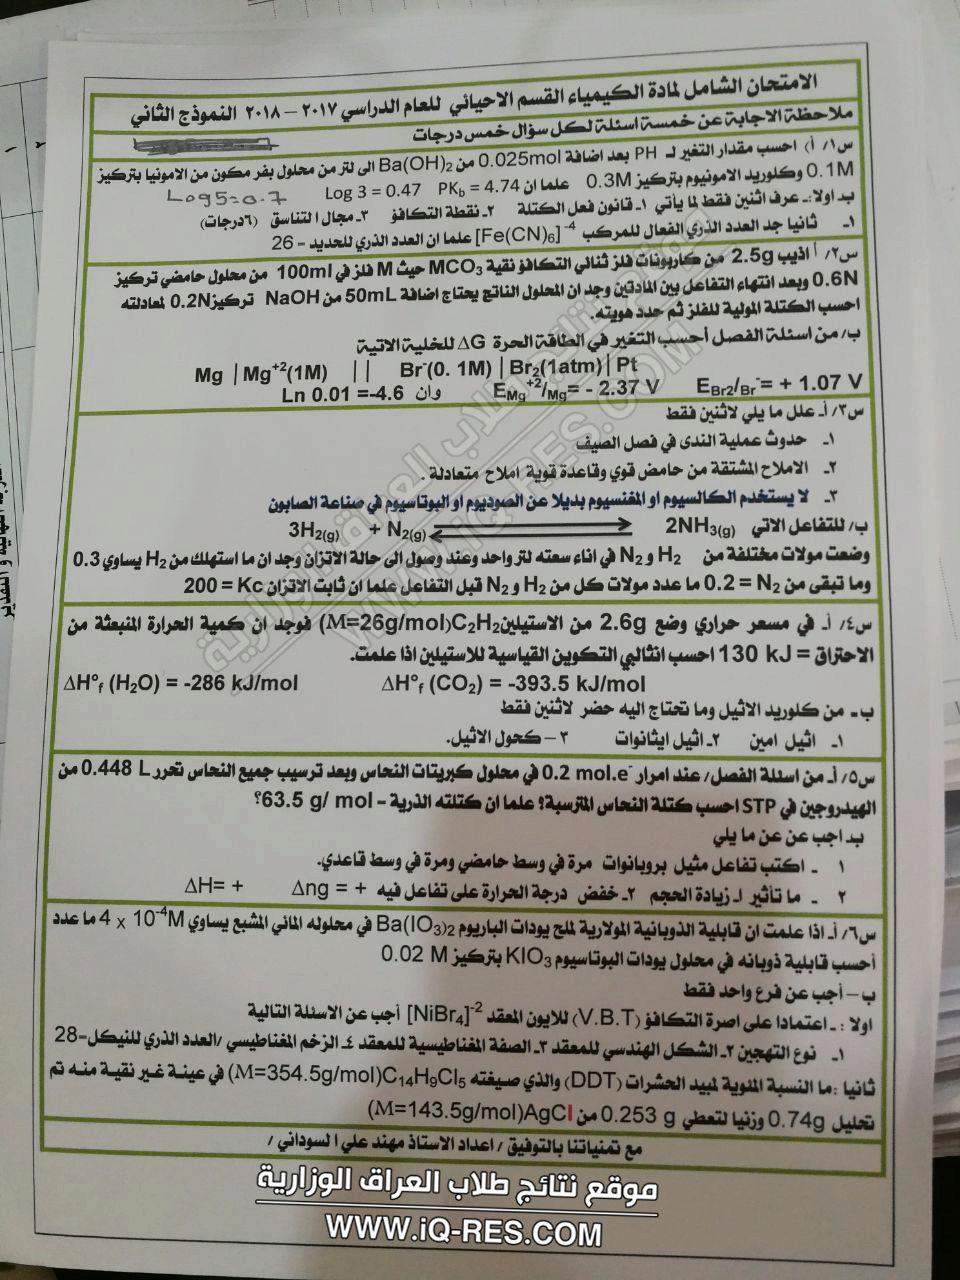 اسئلة الامتحان الشامل لمادة الكيمياء السادس الاحيائي 2017 أ.مهند السوداني Photo511